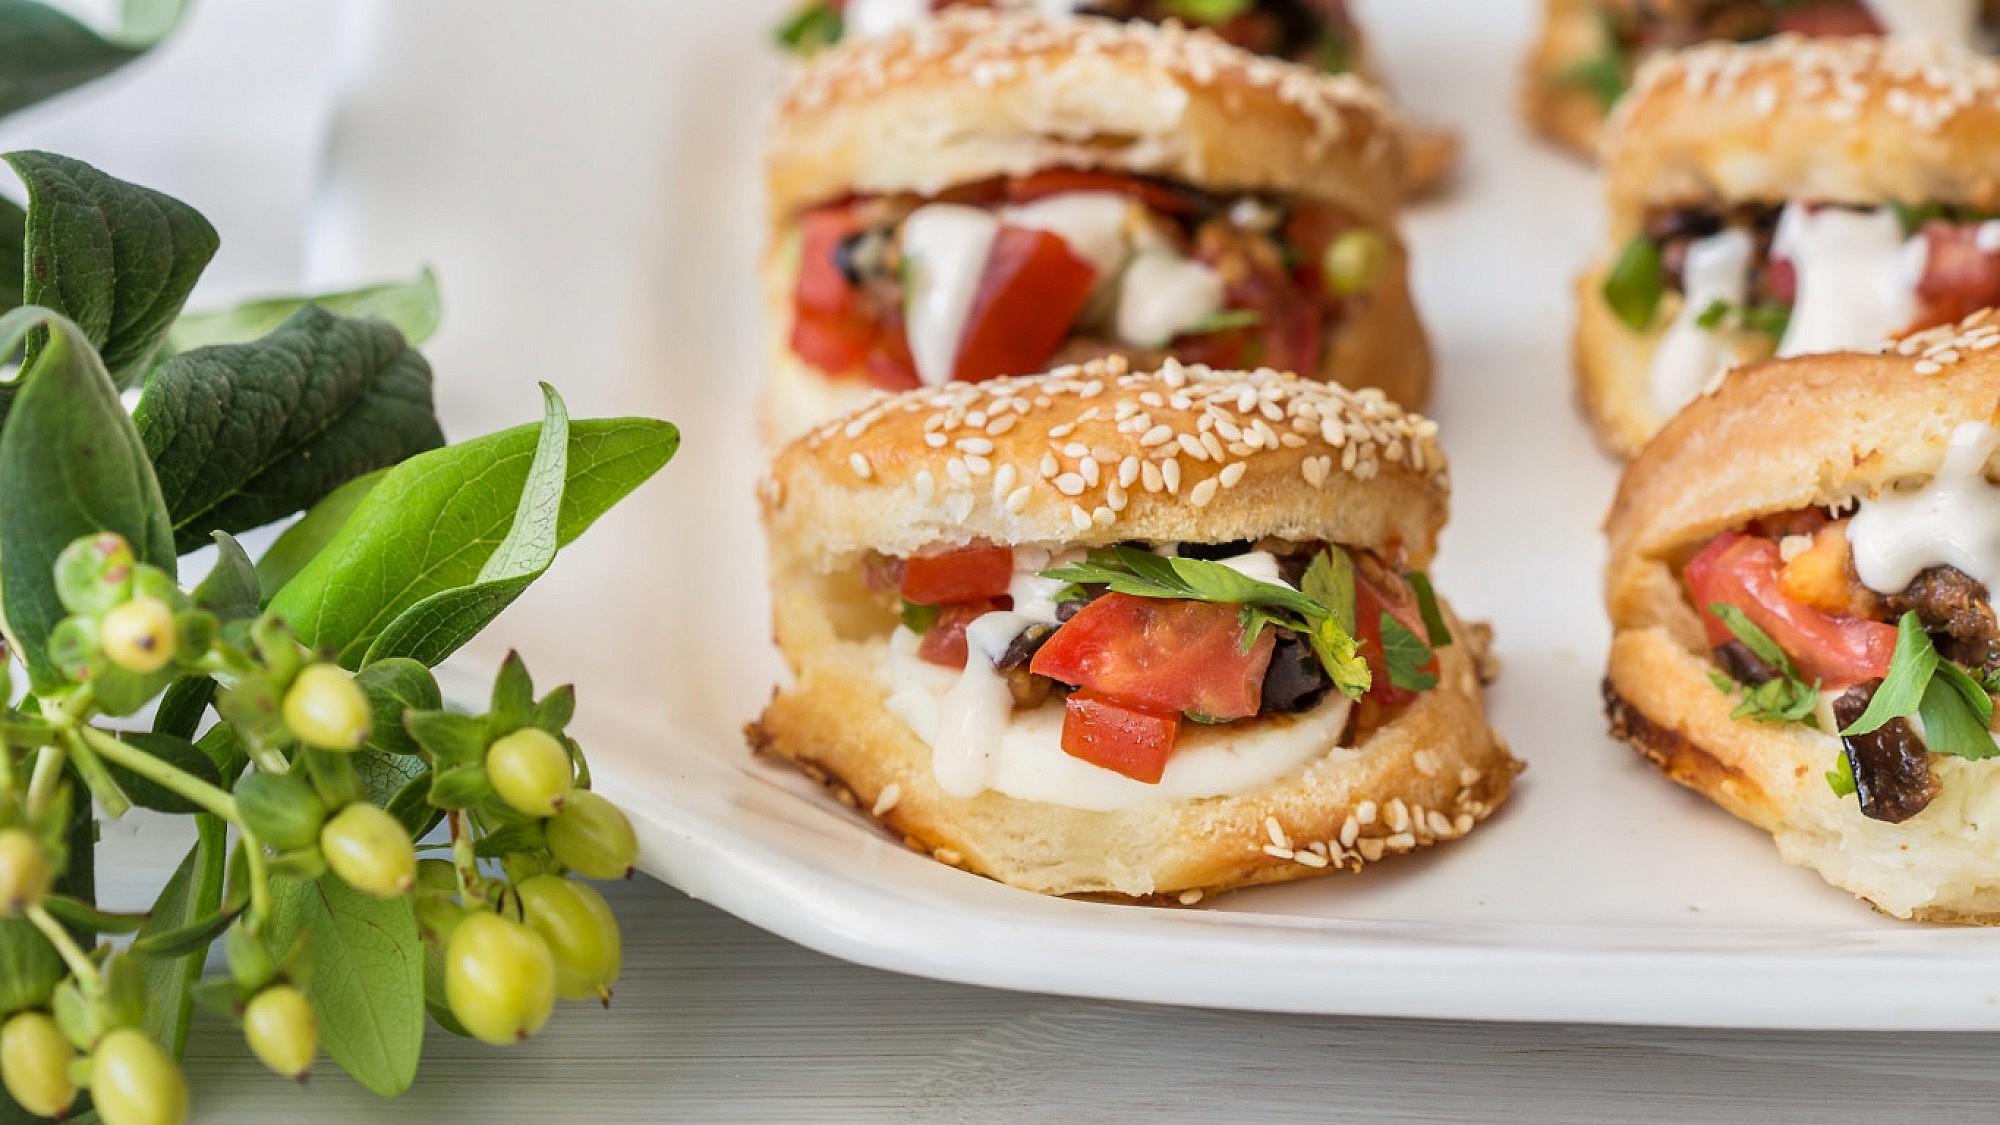 בורקס אסלי עם גבינות,ביצים ועגבניות של שף קונדיטור שלומי פדידה. צילום וסטיילינג: טל סיון צפורין